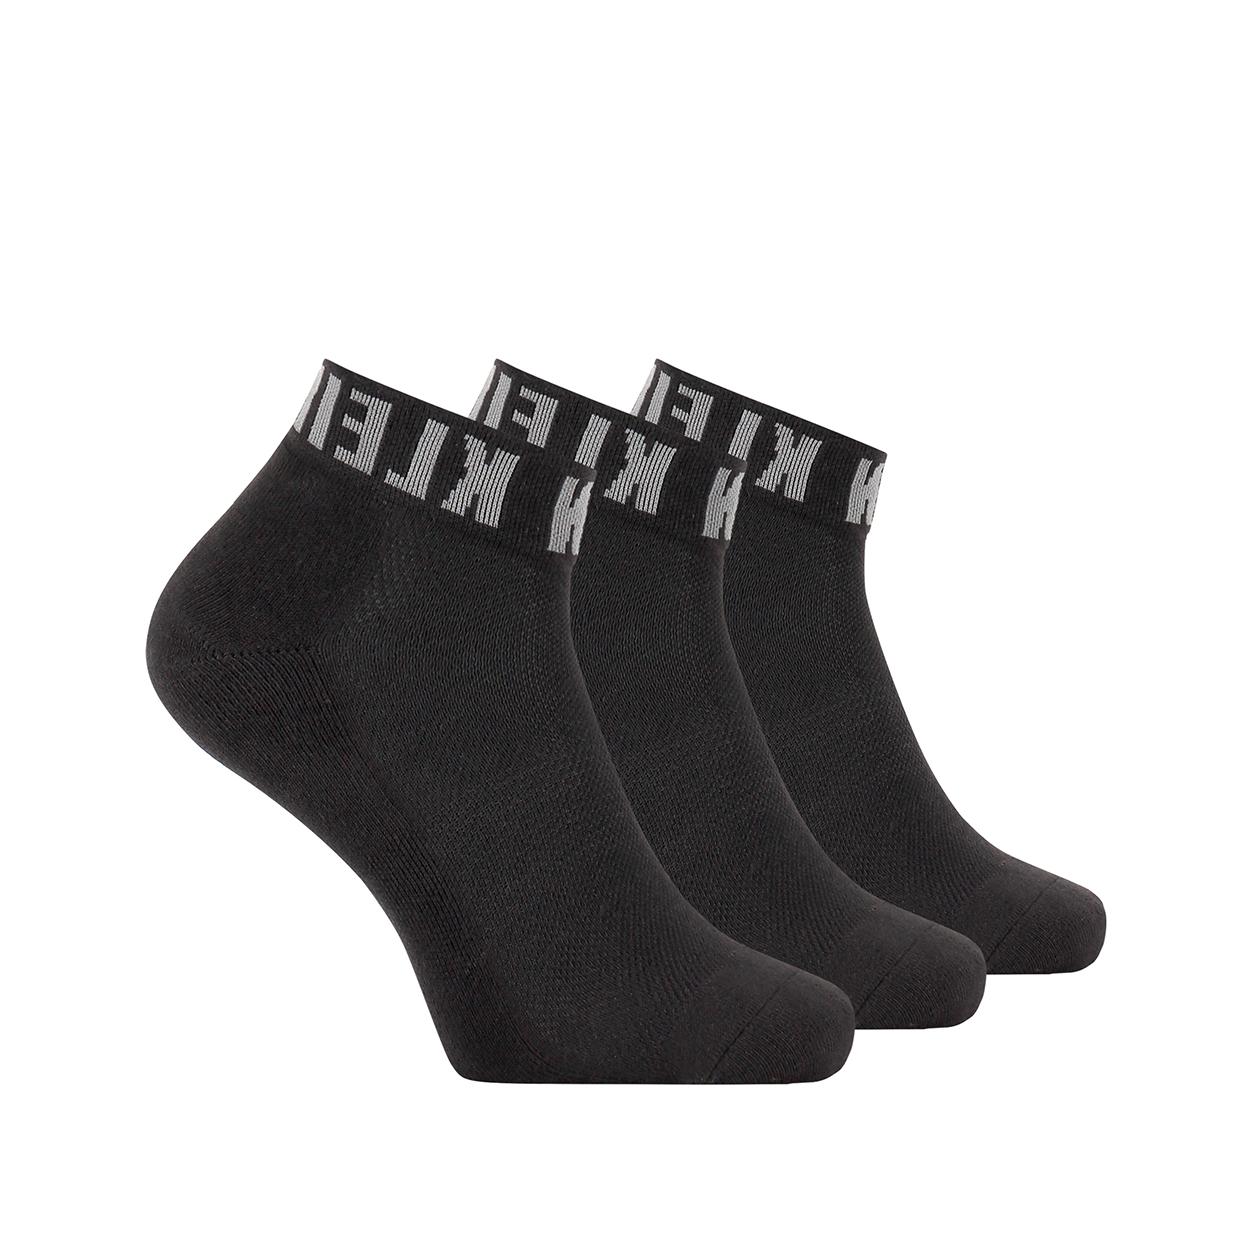 Lot de 3 paires de chaussettes basses calvin klein en coton mélangé stretch noir à logo gris